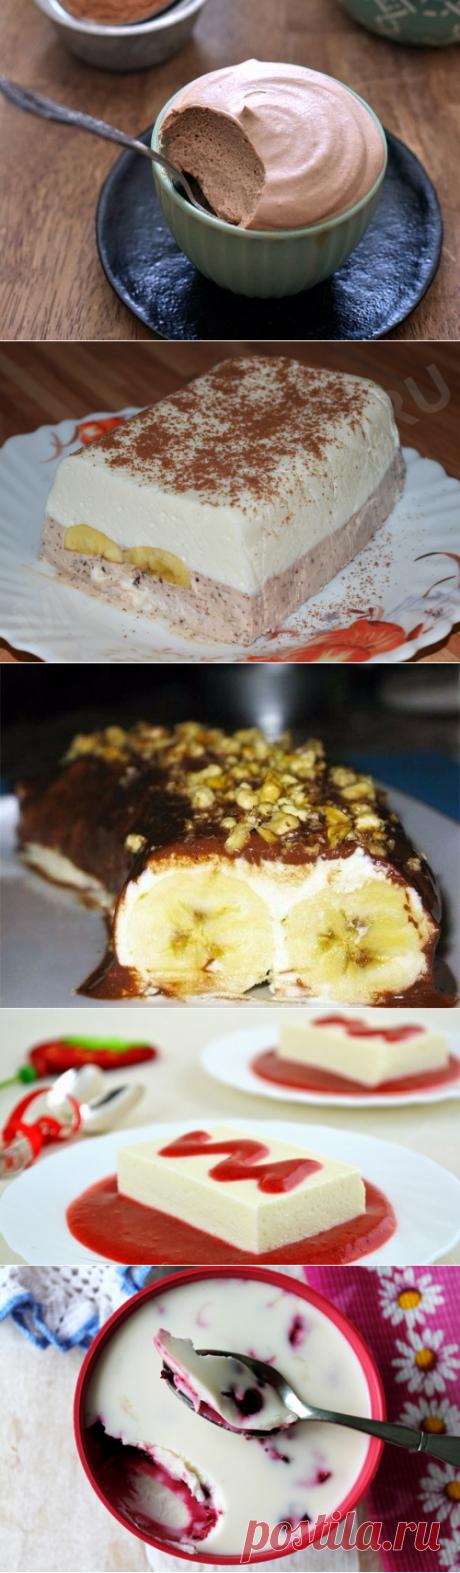 Топ-5 вкусных и оригинальных десертов к новому году